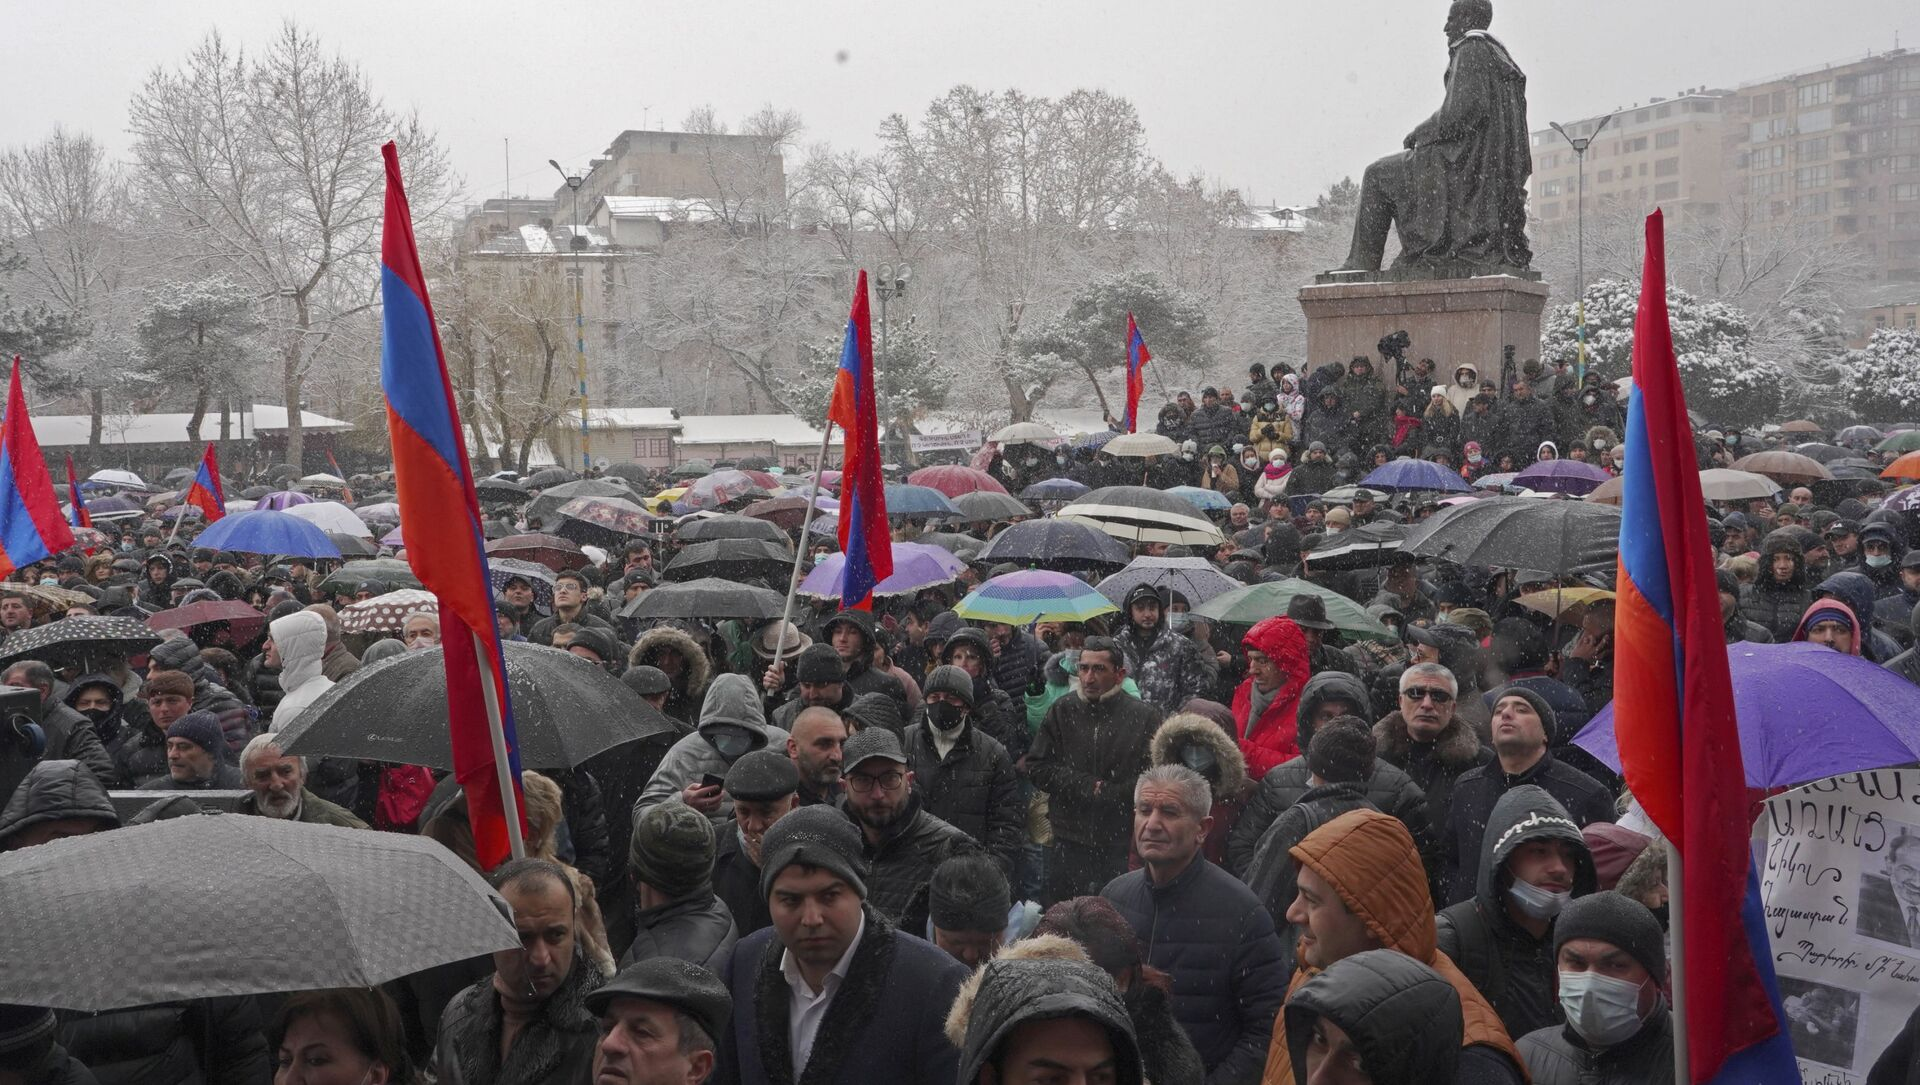 Erivan'ın merkezinde binlerce kişinin katıldığı miting düzenleniyor - Sputnik Türkiye, 1920, 20.02.2021